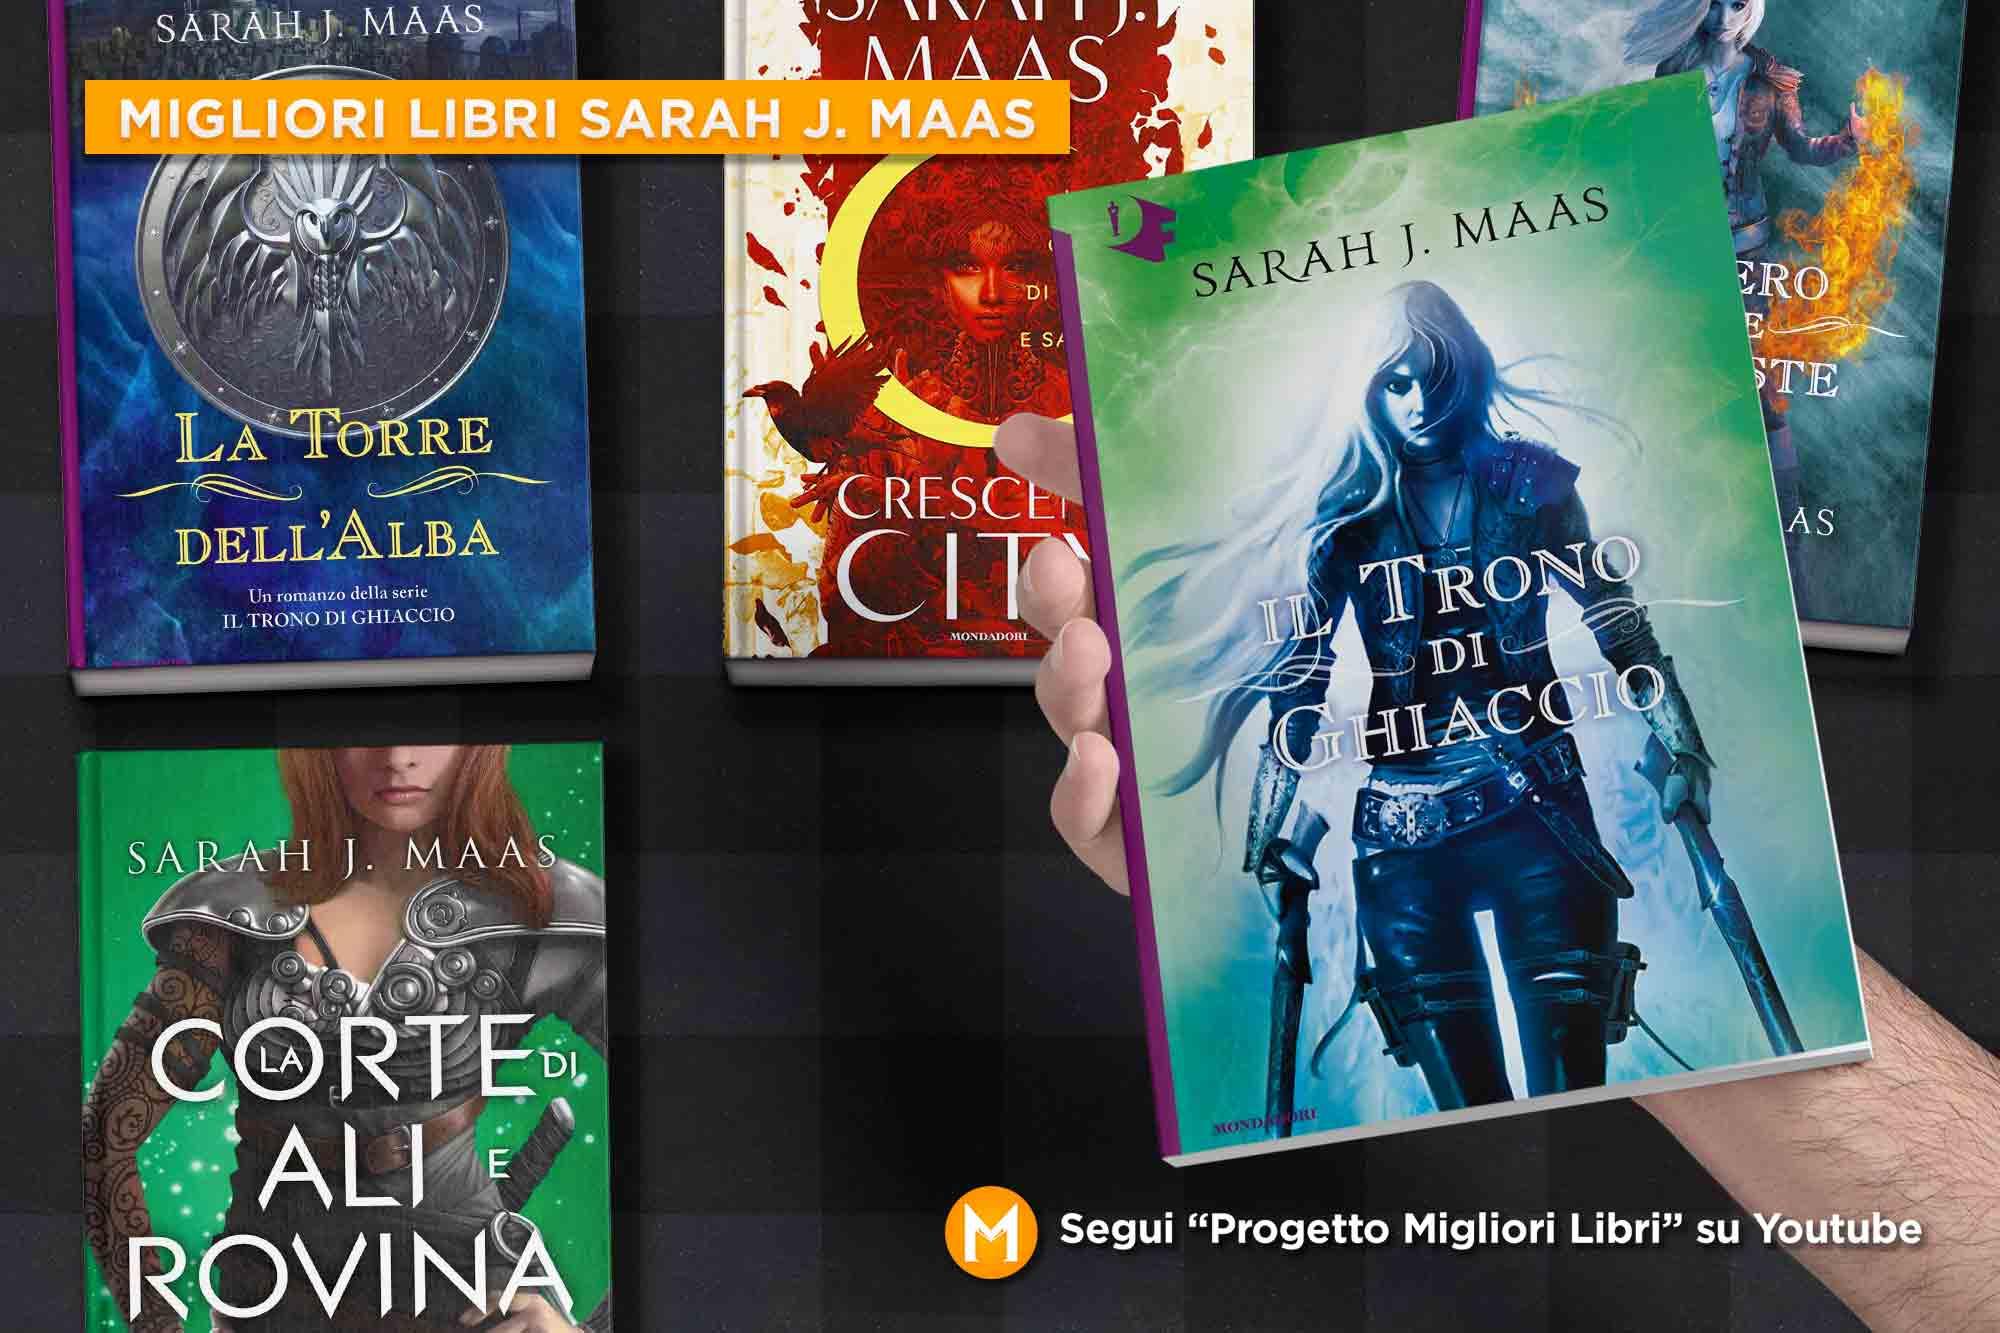 migliori-libri-sarah-j-maas